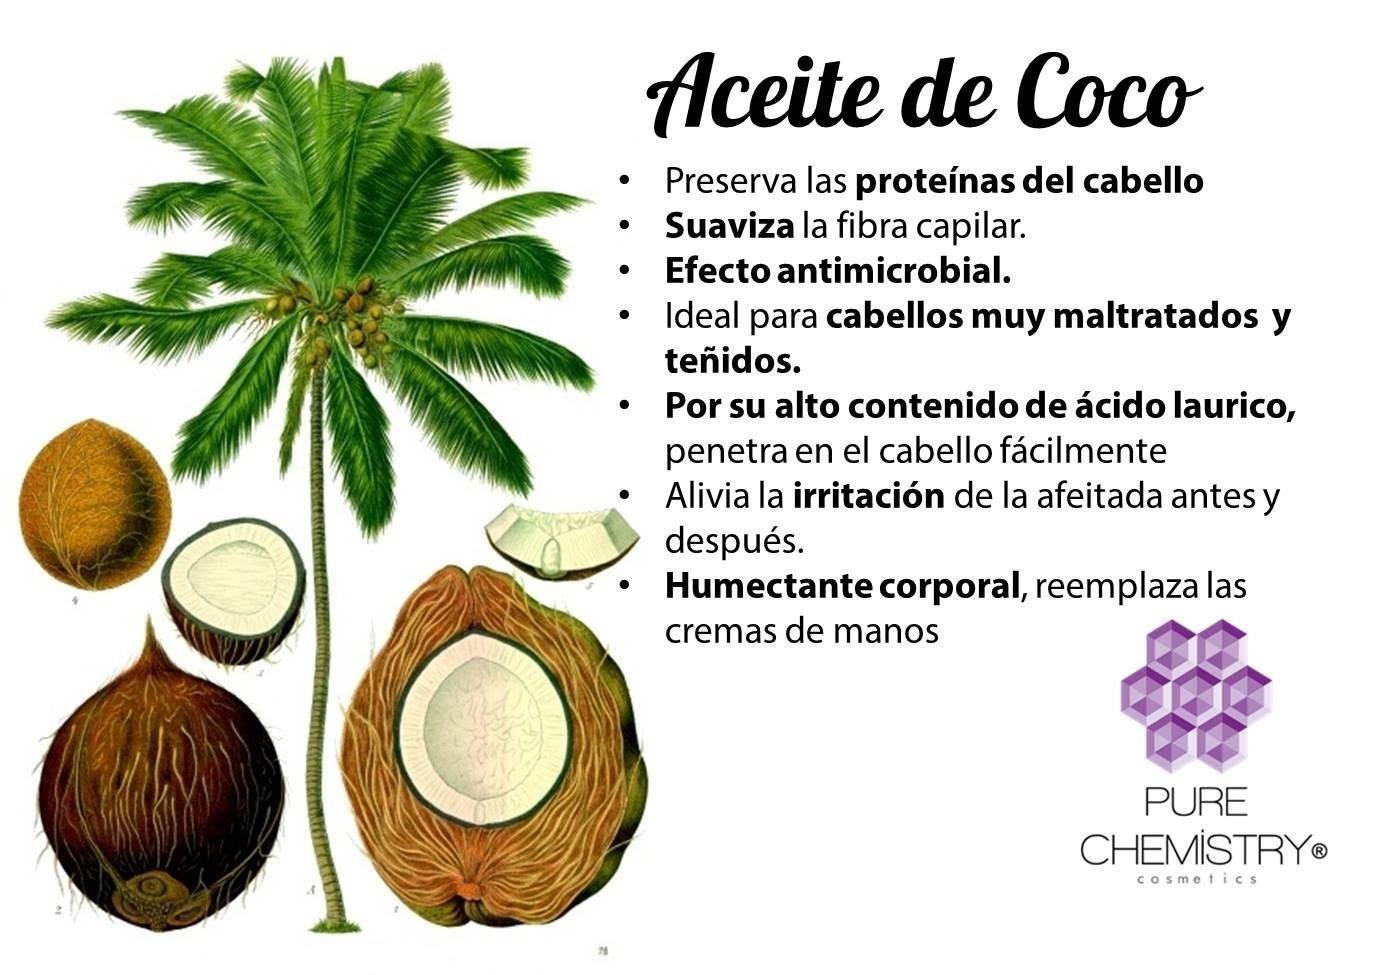 Aceite De Coco Virgen Orgánico Ecocert Prensado En Frio Aceite De Coco Cuidados Para El Cabello Prensado En Frío